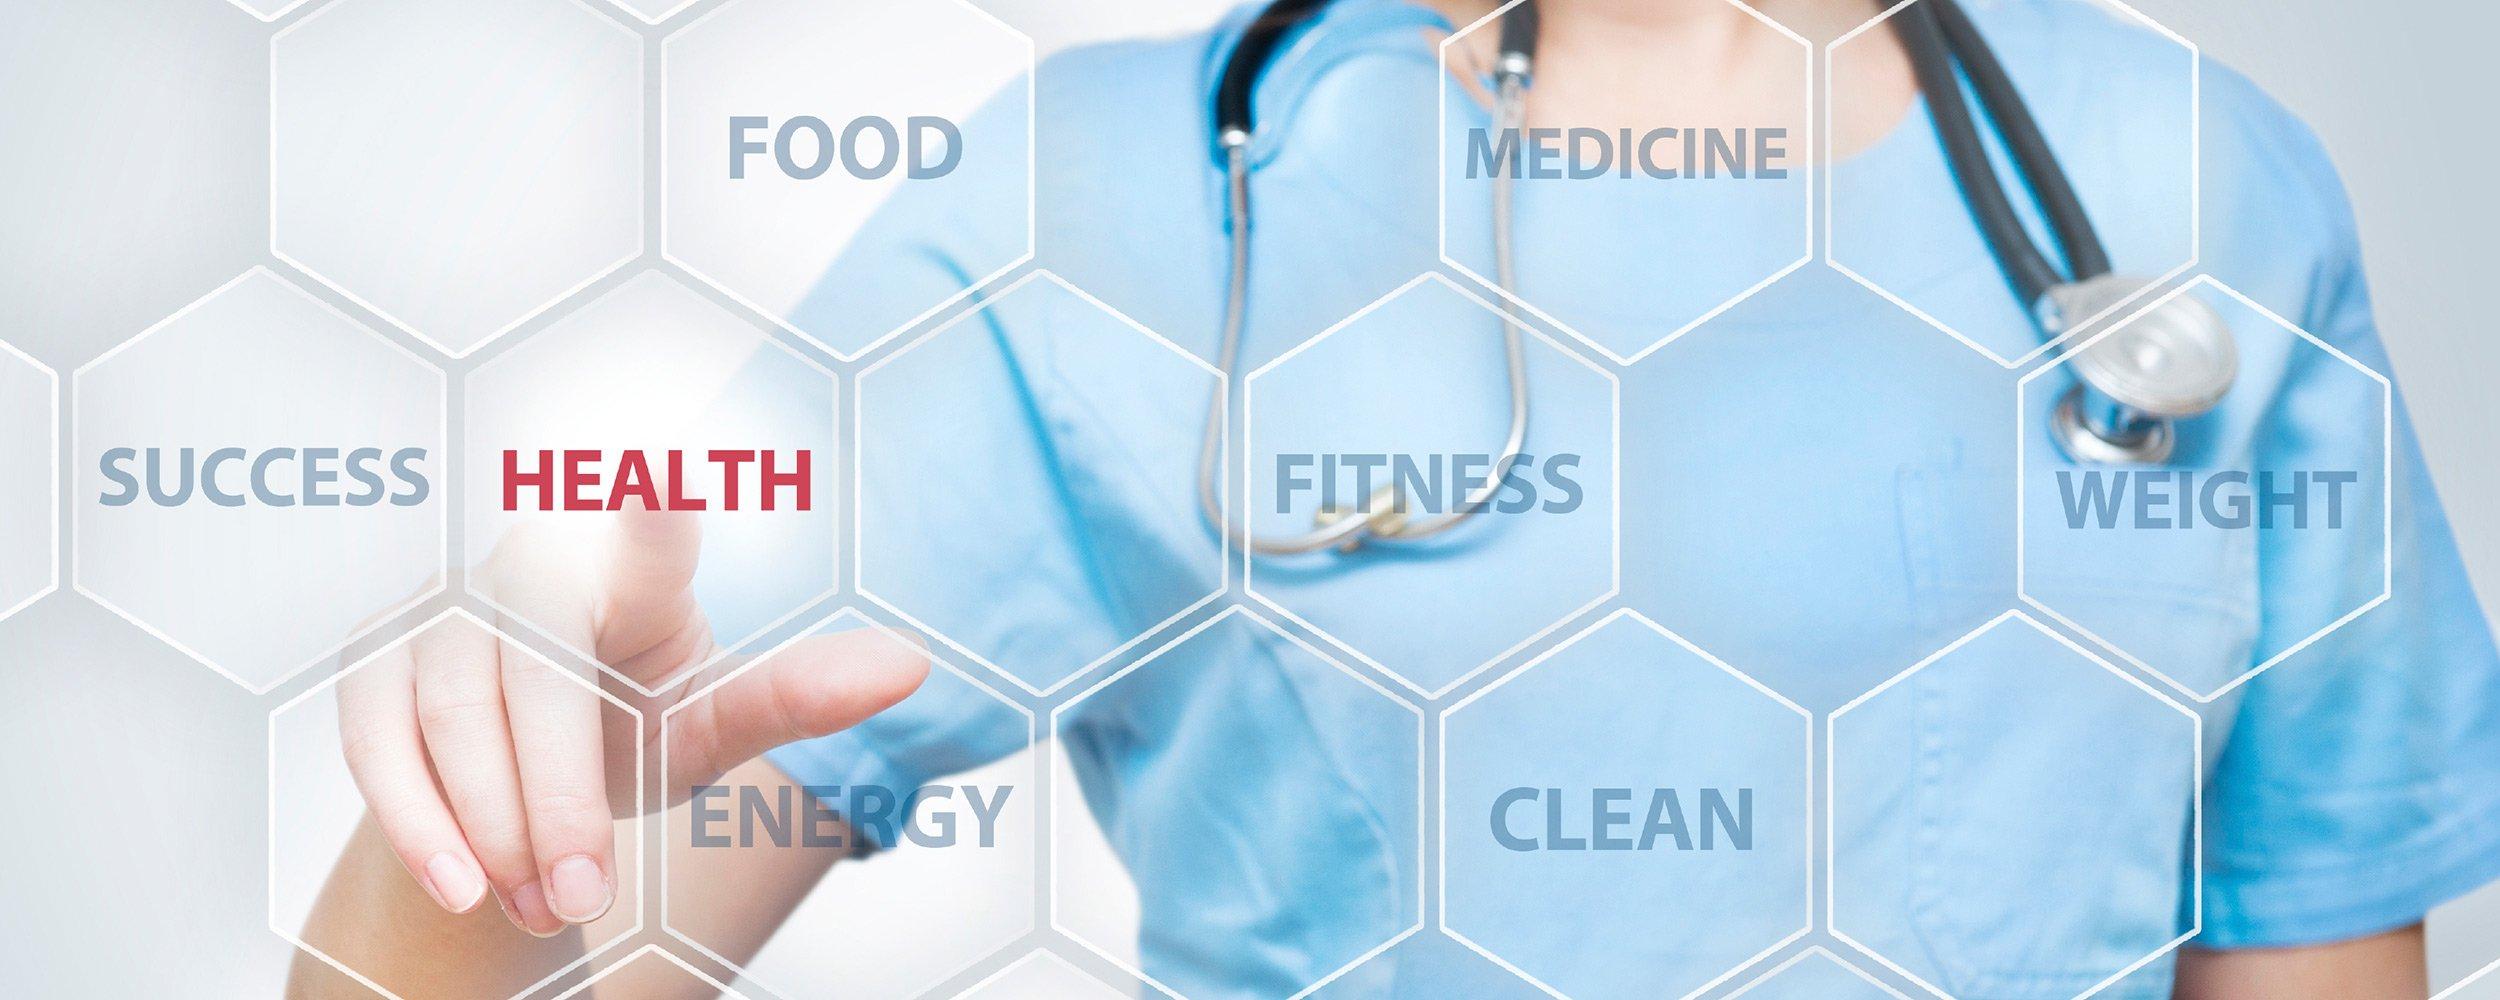 Medikament reduziert das Risiko von Nierenversagen bei Menschen mit diabetes, Studie findet